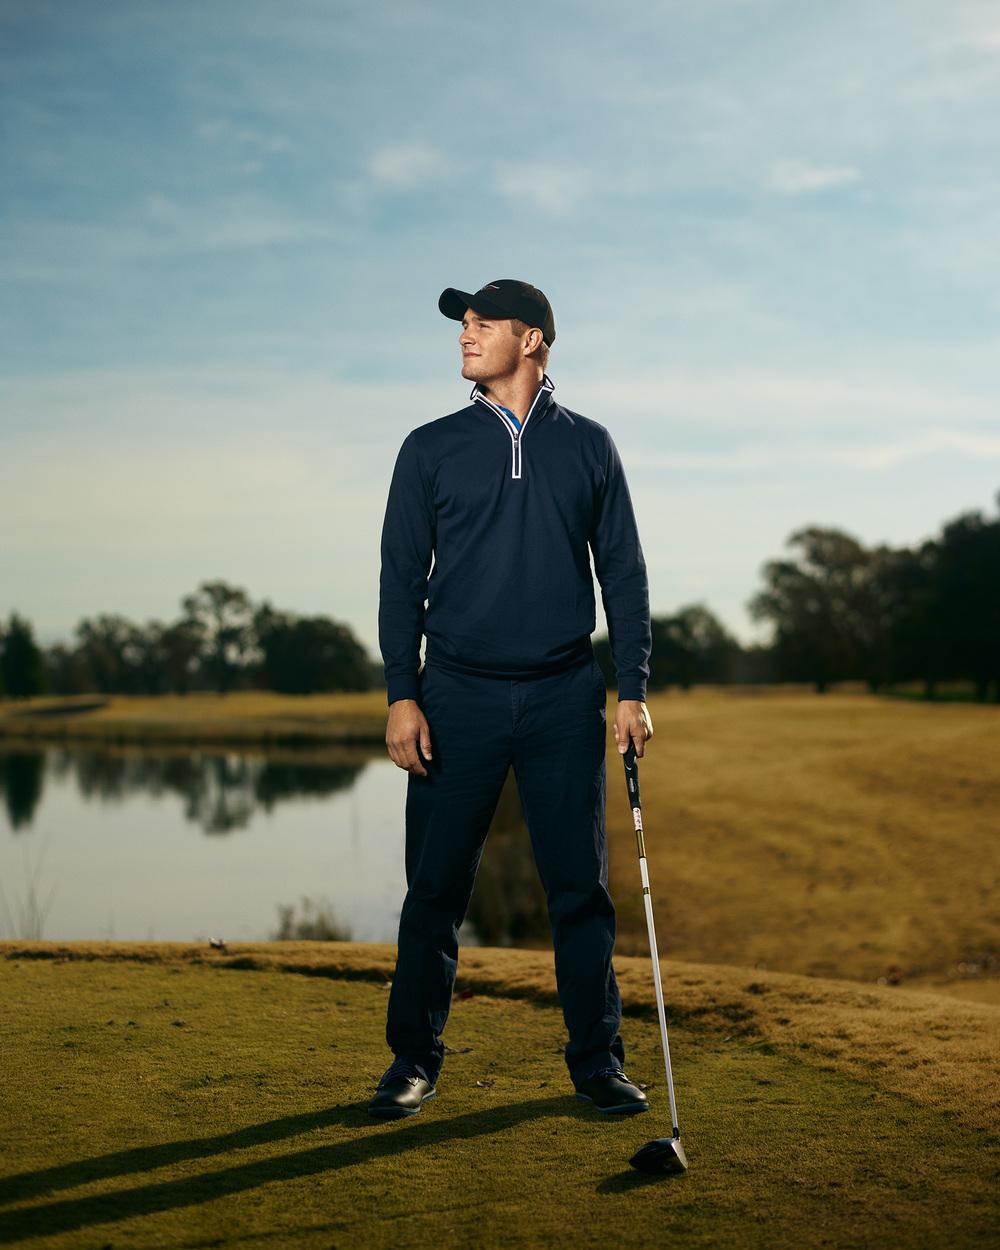 Soon to be professional golfer Bryson DeChambeau at the Dragonfly Golf Club.